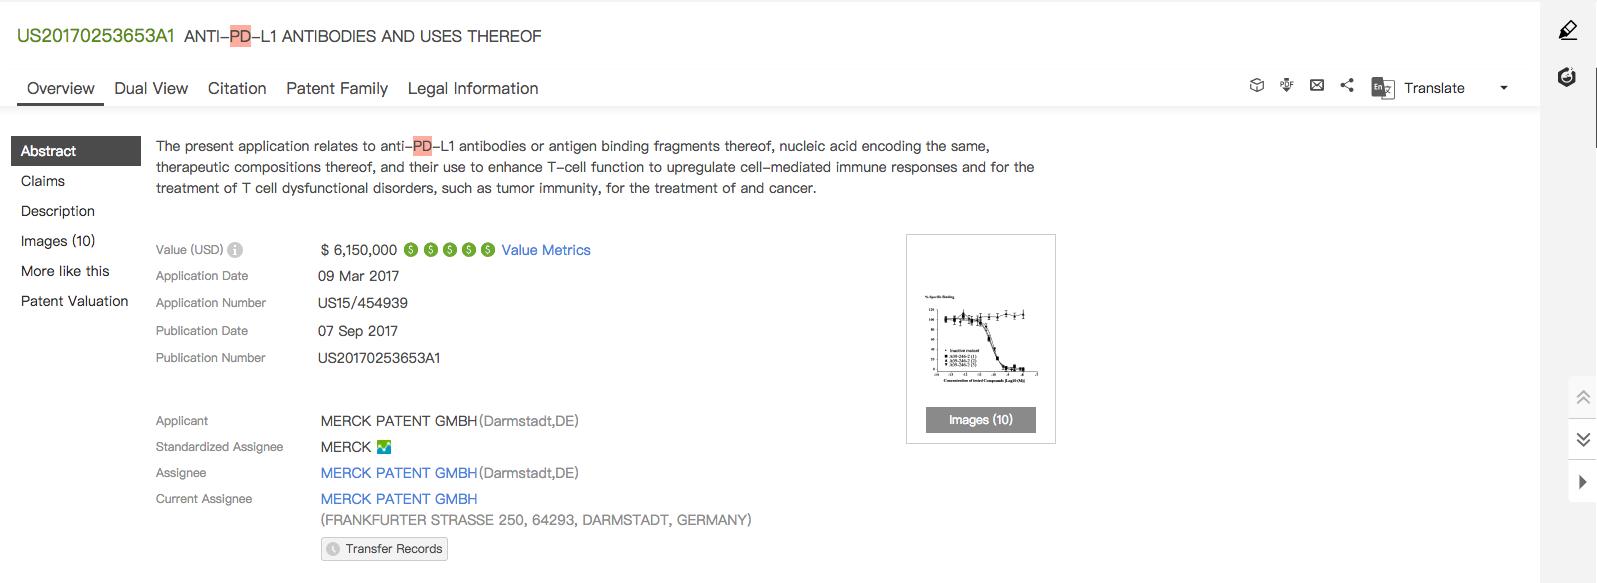 [IMG 3] PD-L1 Patent Similar to Avelumab